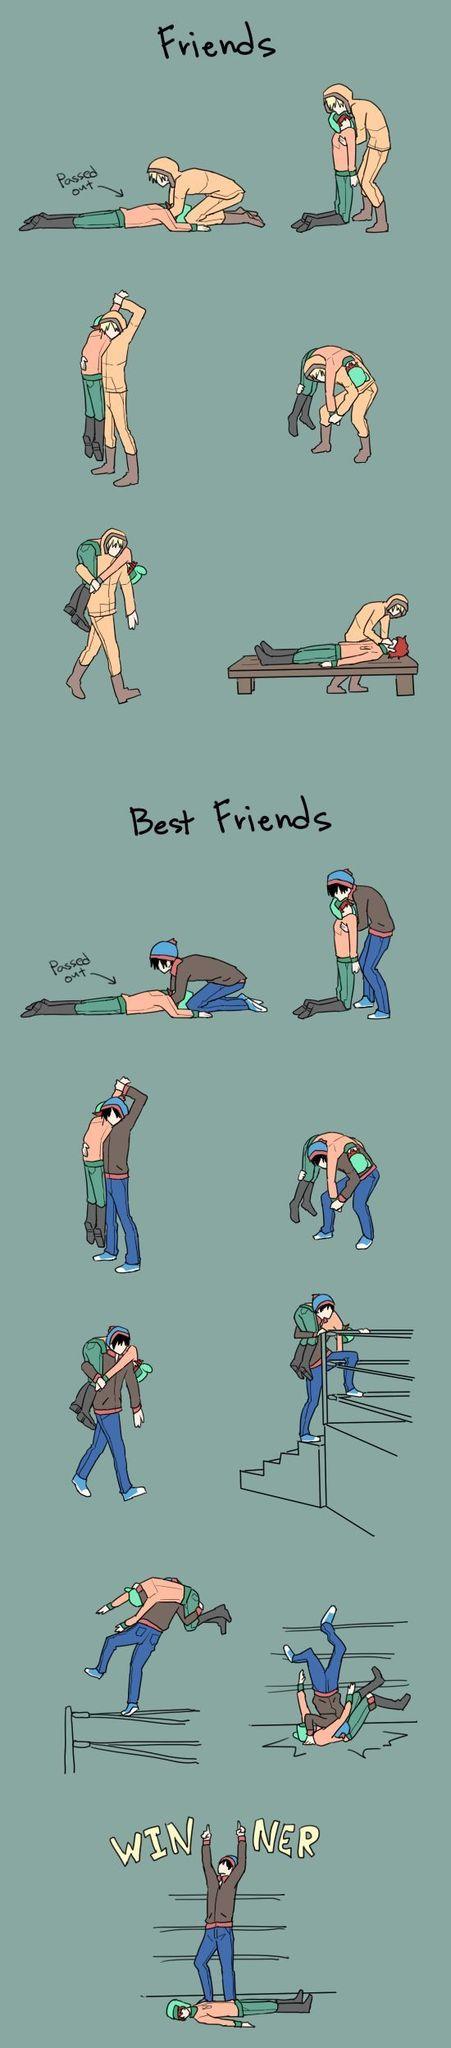 Les ami(e)s... - meme